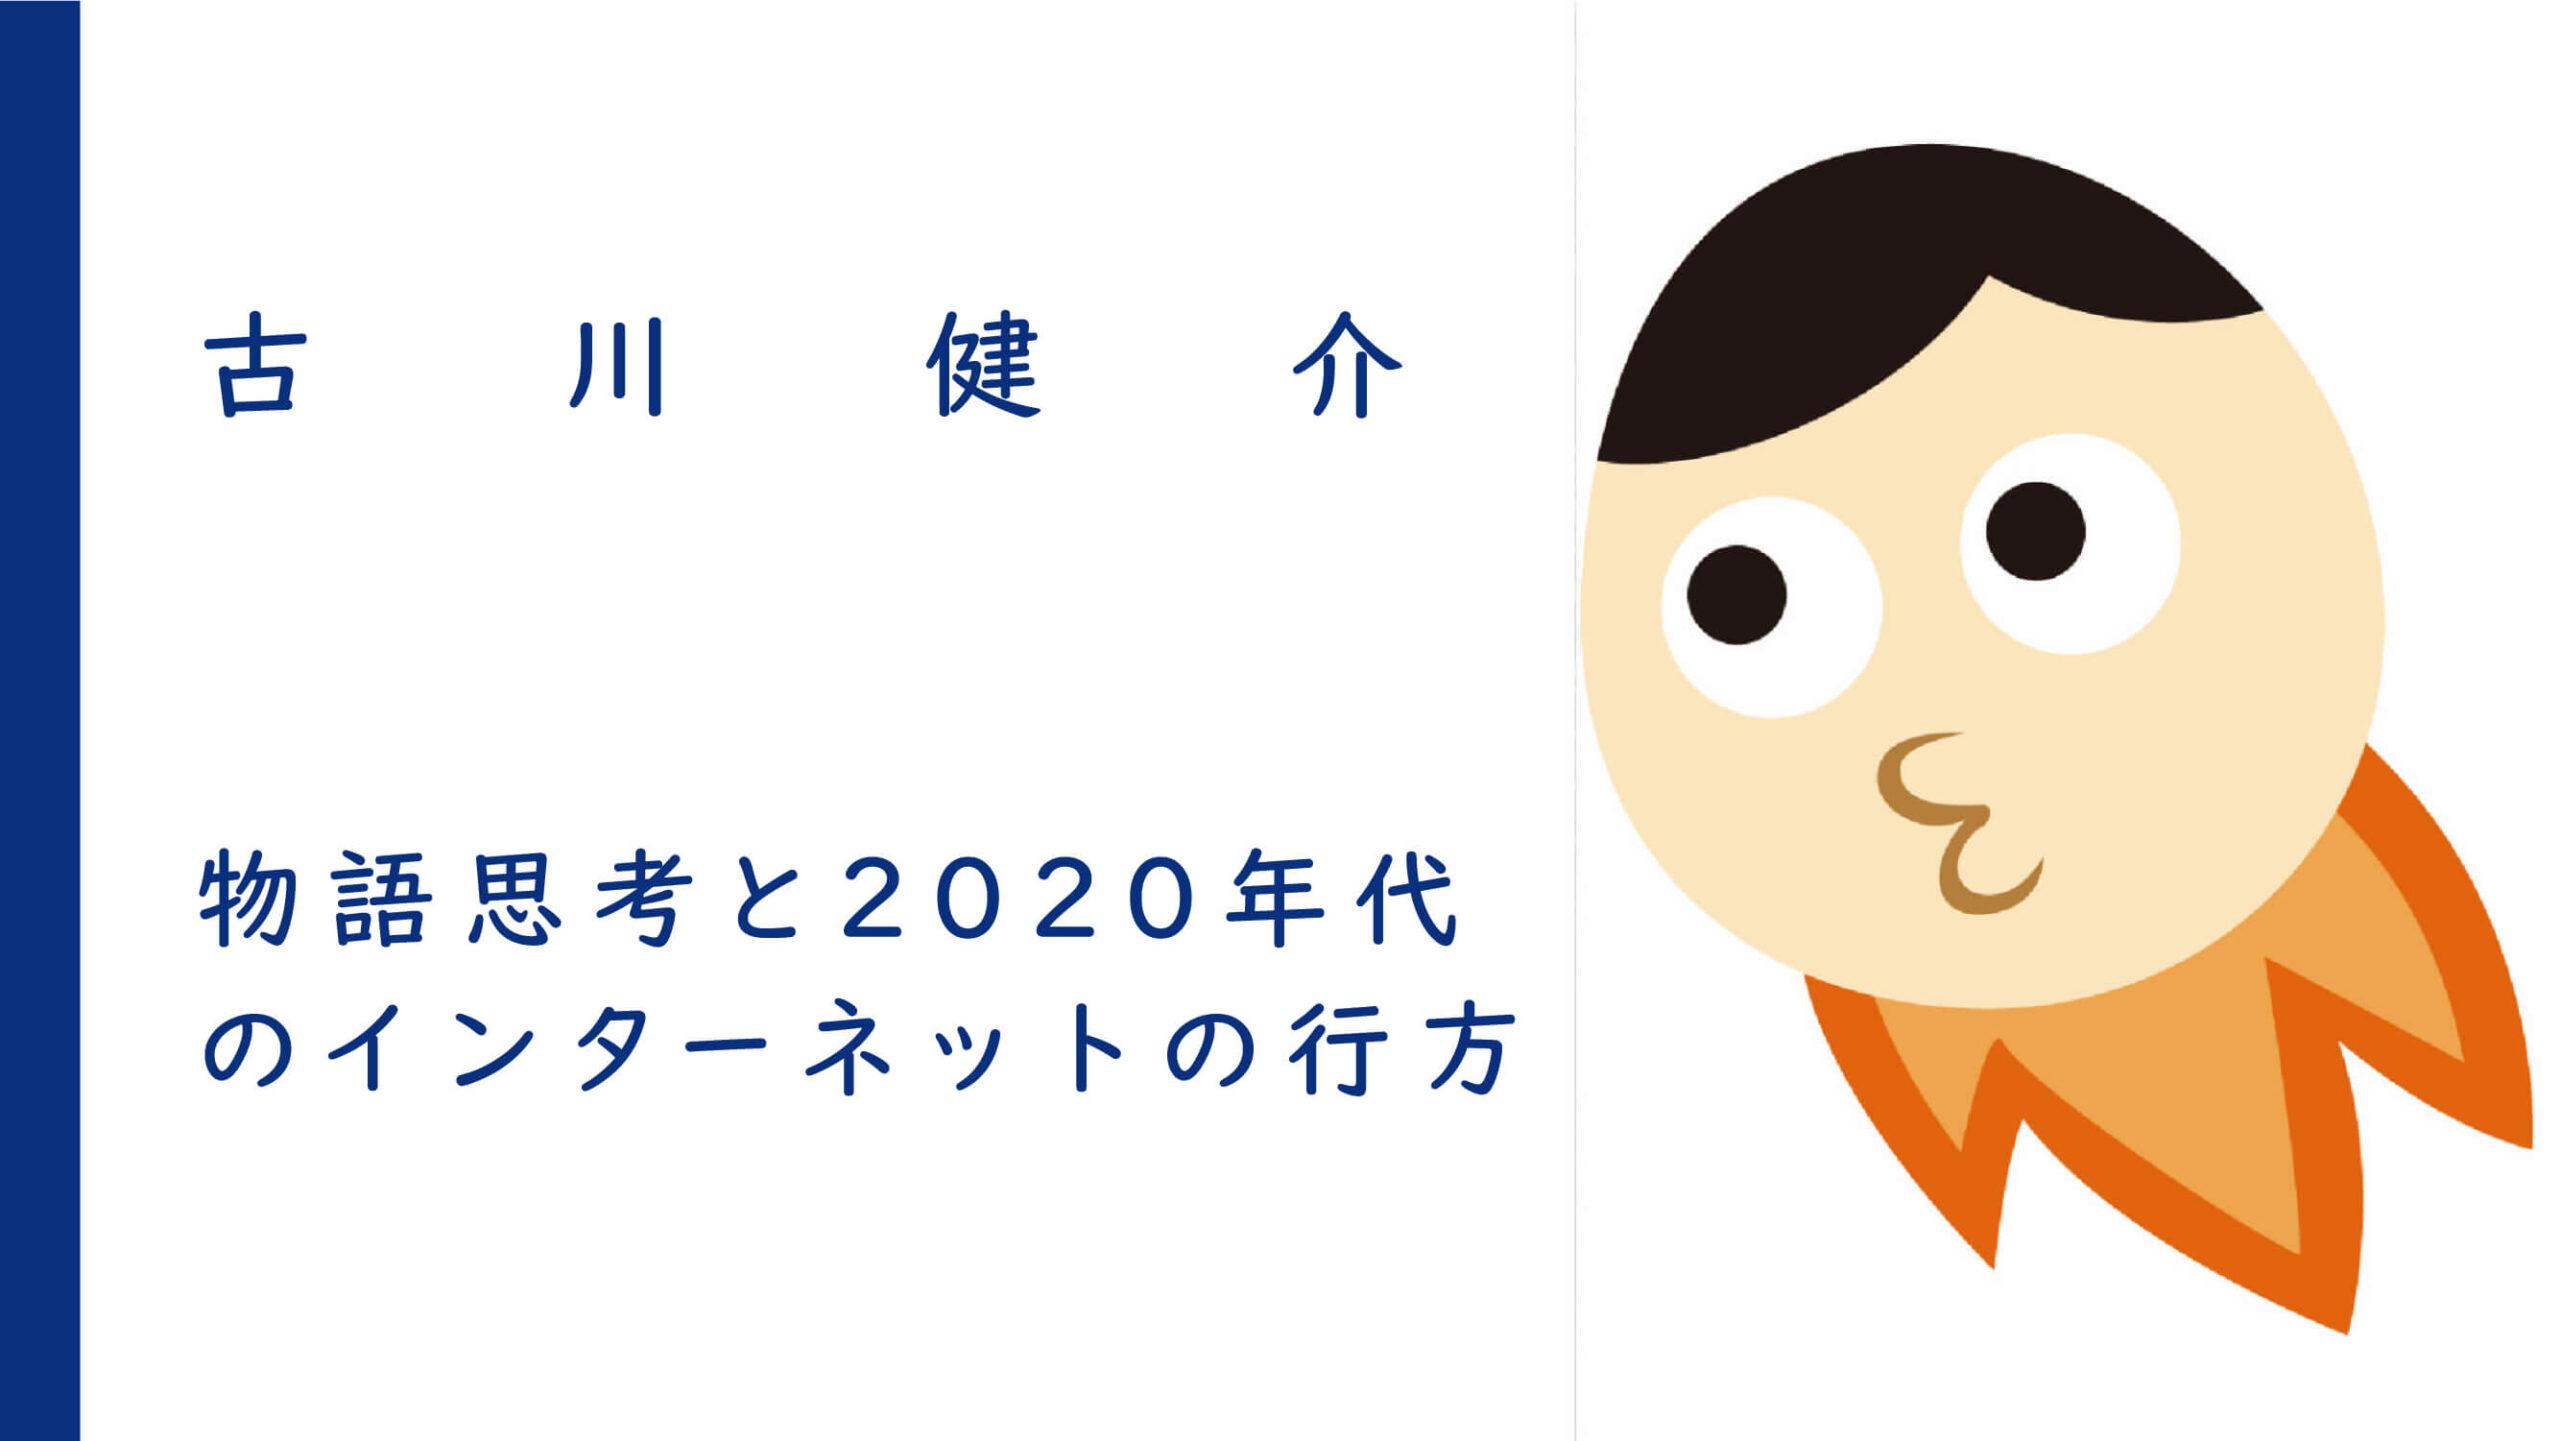 物語思考と2020年代のインターネットの行方 | 古川健介<br><br>